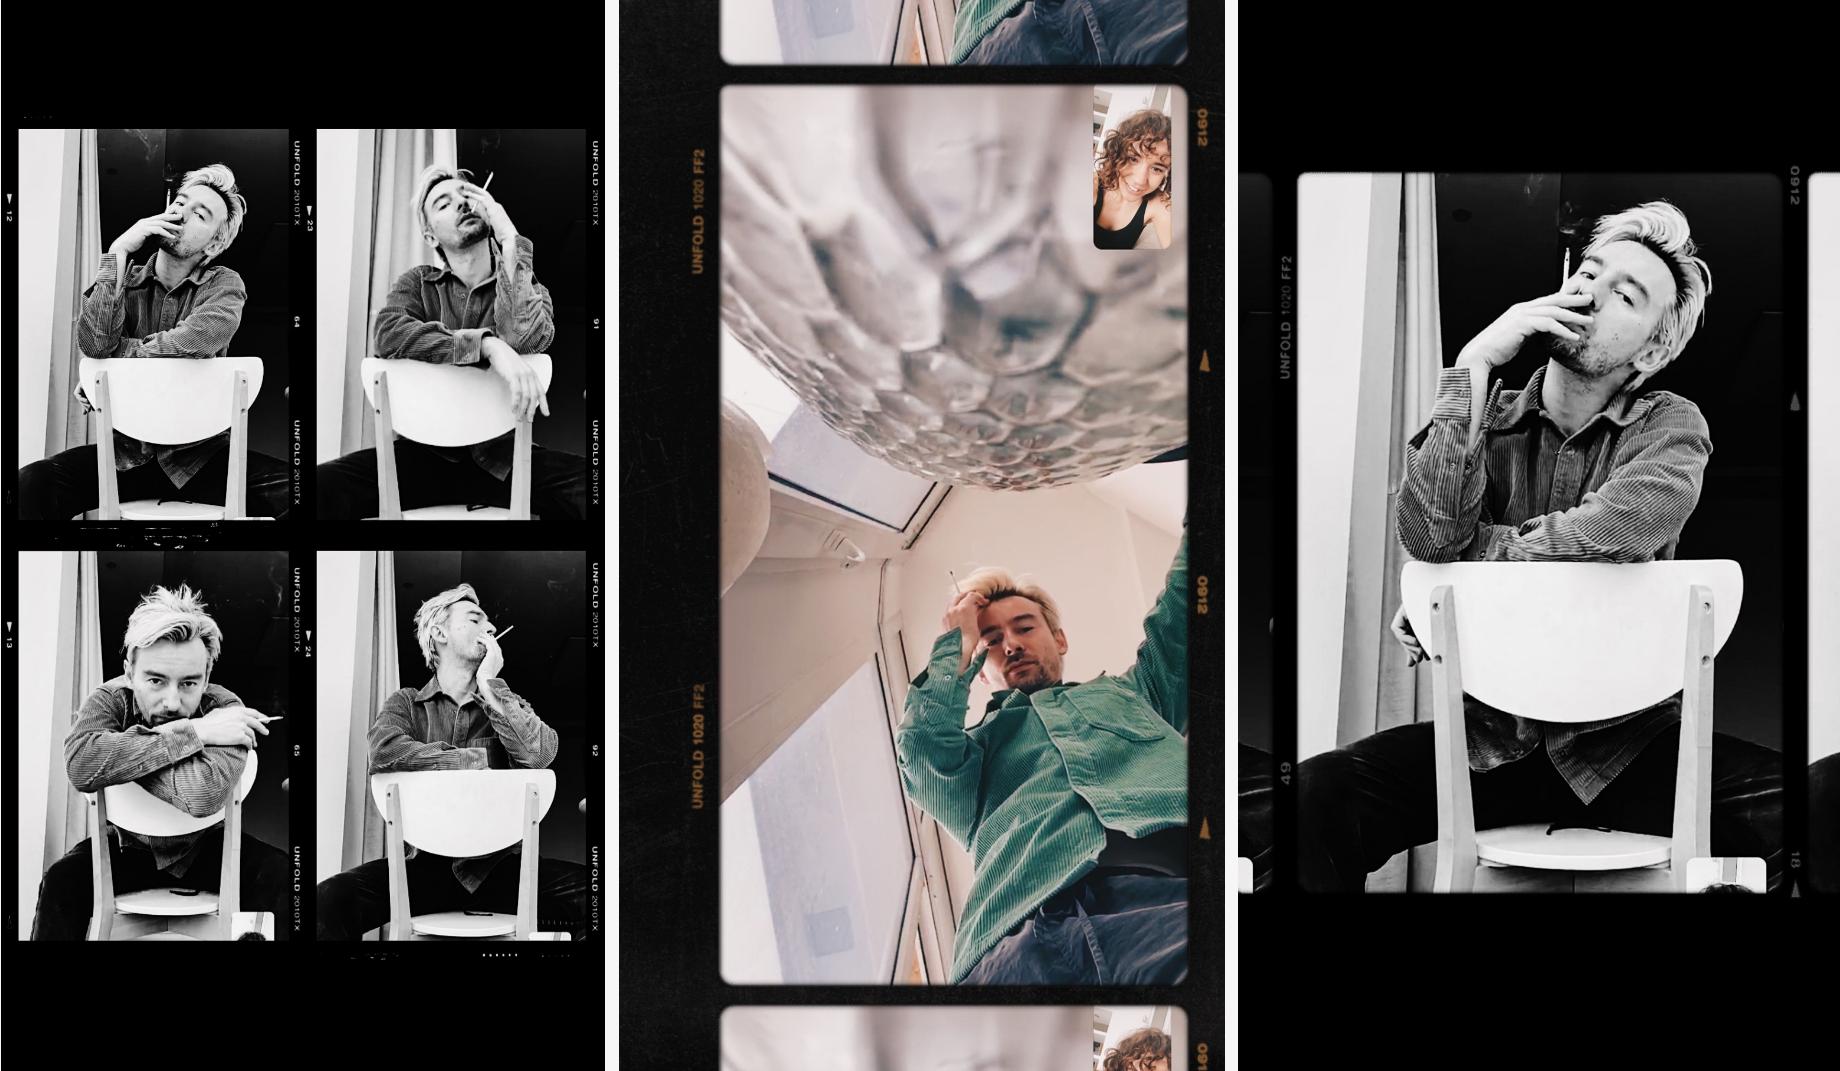 Фотограф Катя Кондратьева Онлайн-съемки — история для тех, кто видит в них ценность